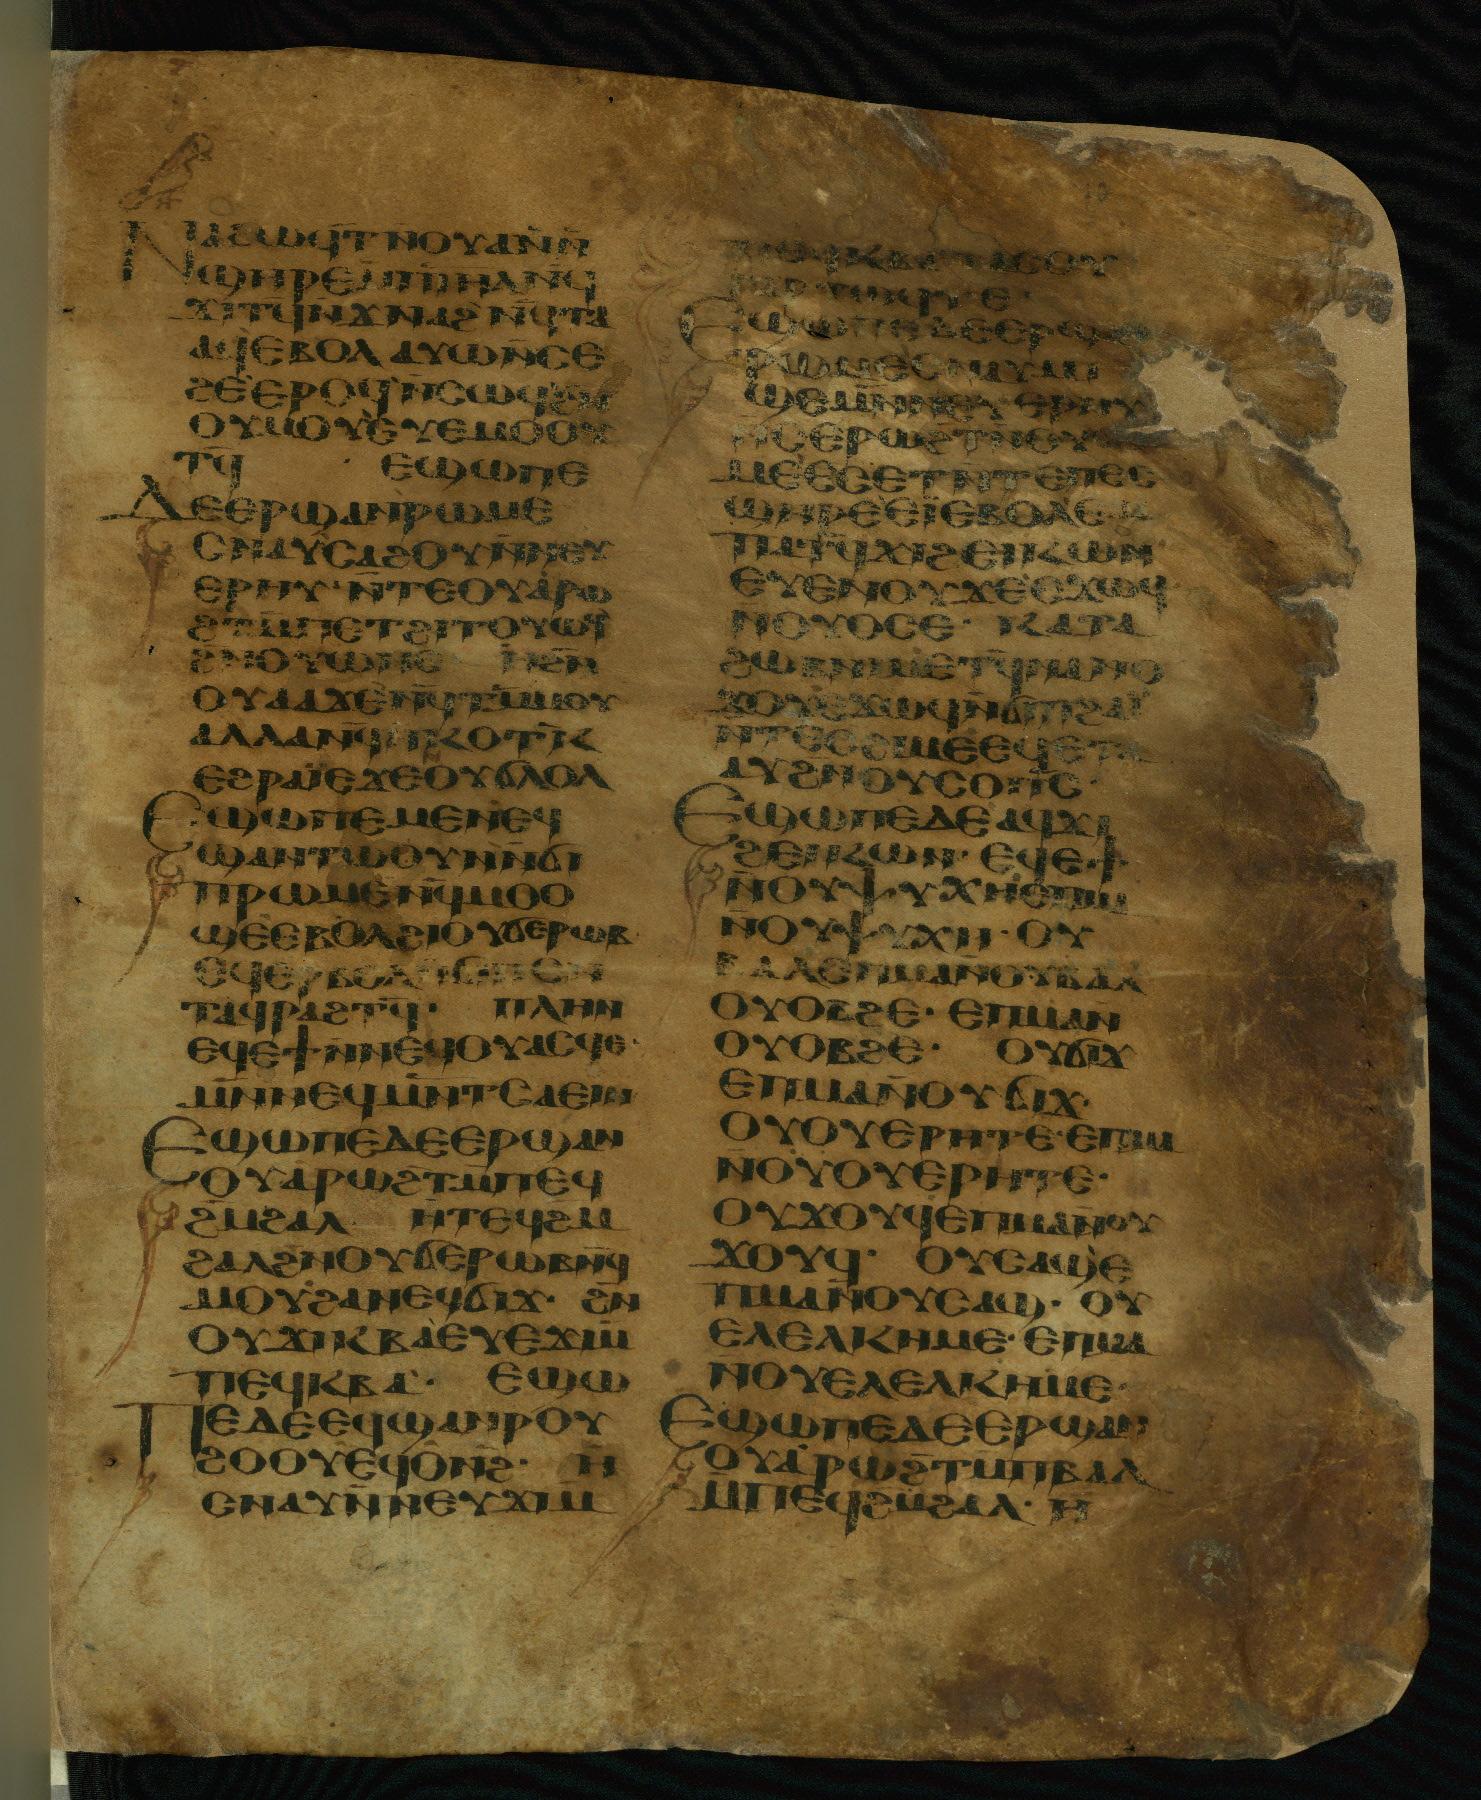 W.739, fol. 1r